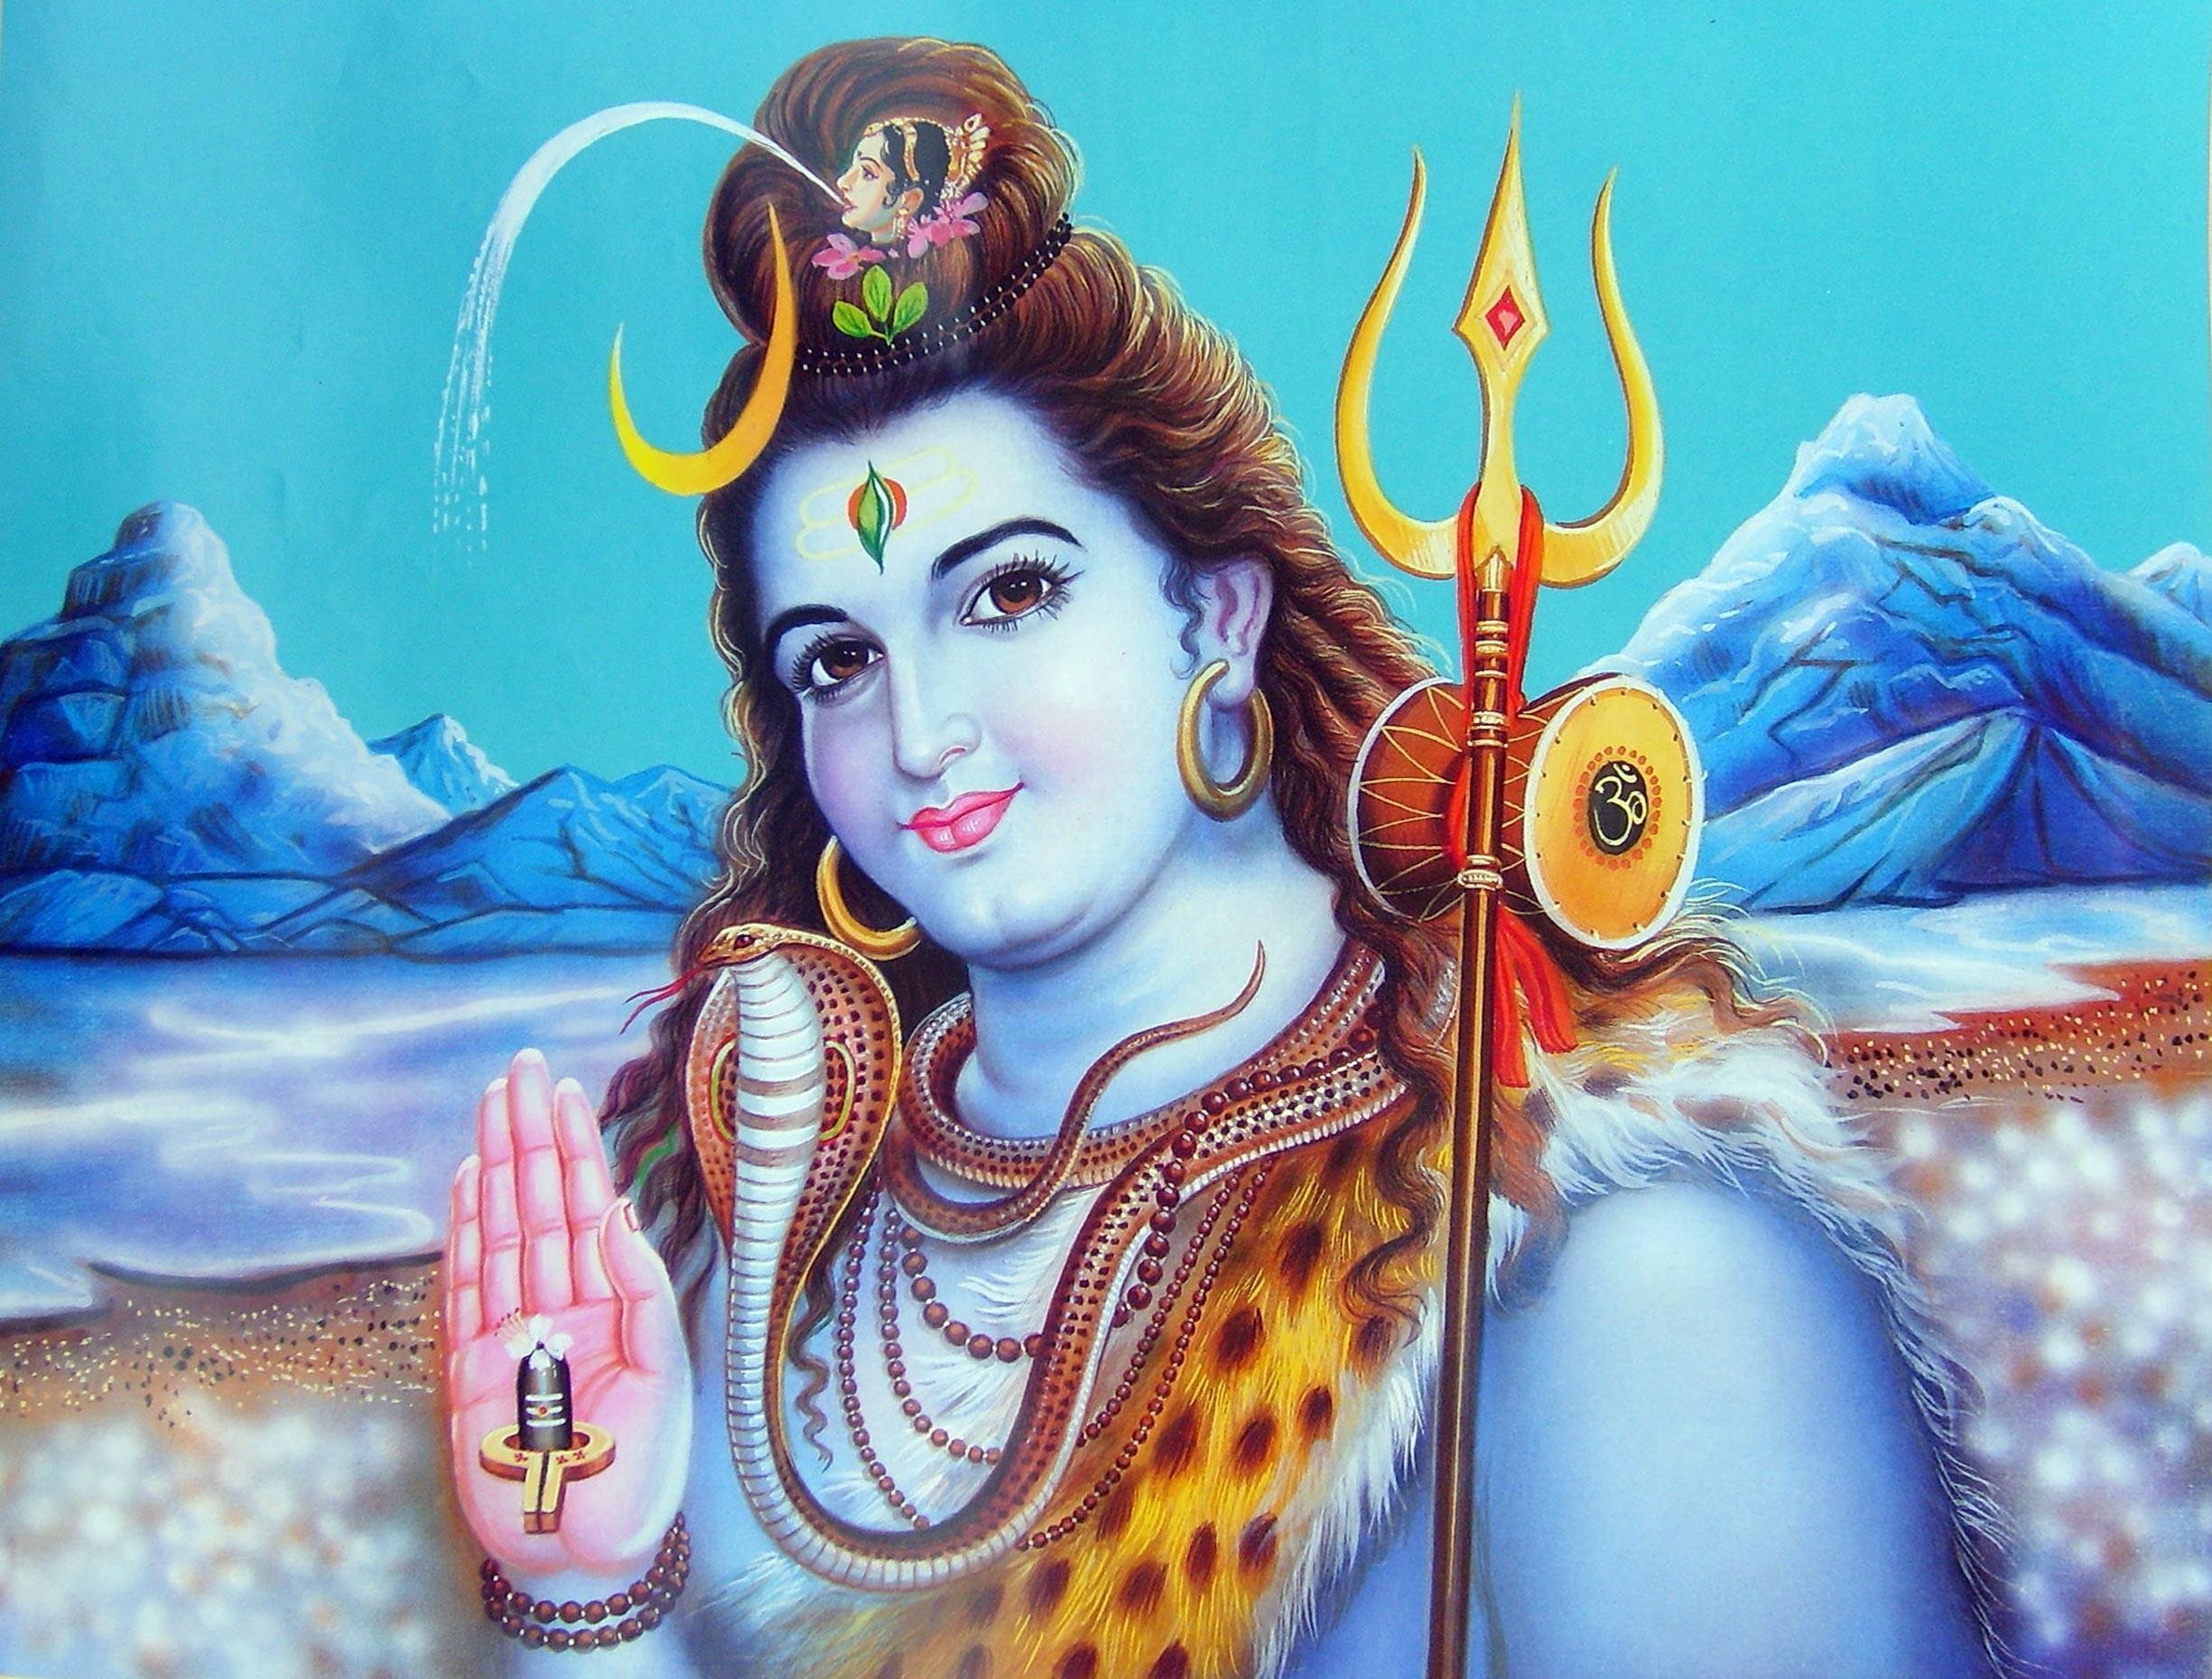 Maha Shivaratri Images, Lord Shiva Wallpapers for Shivaratri Festival